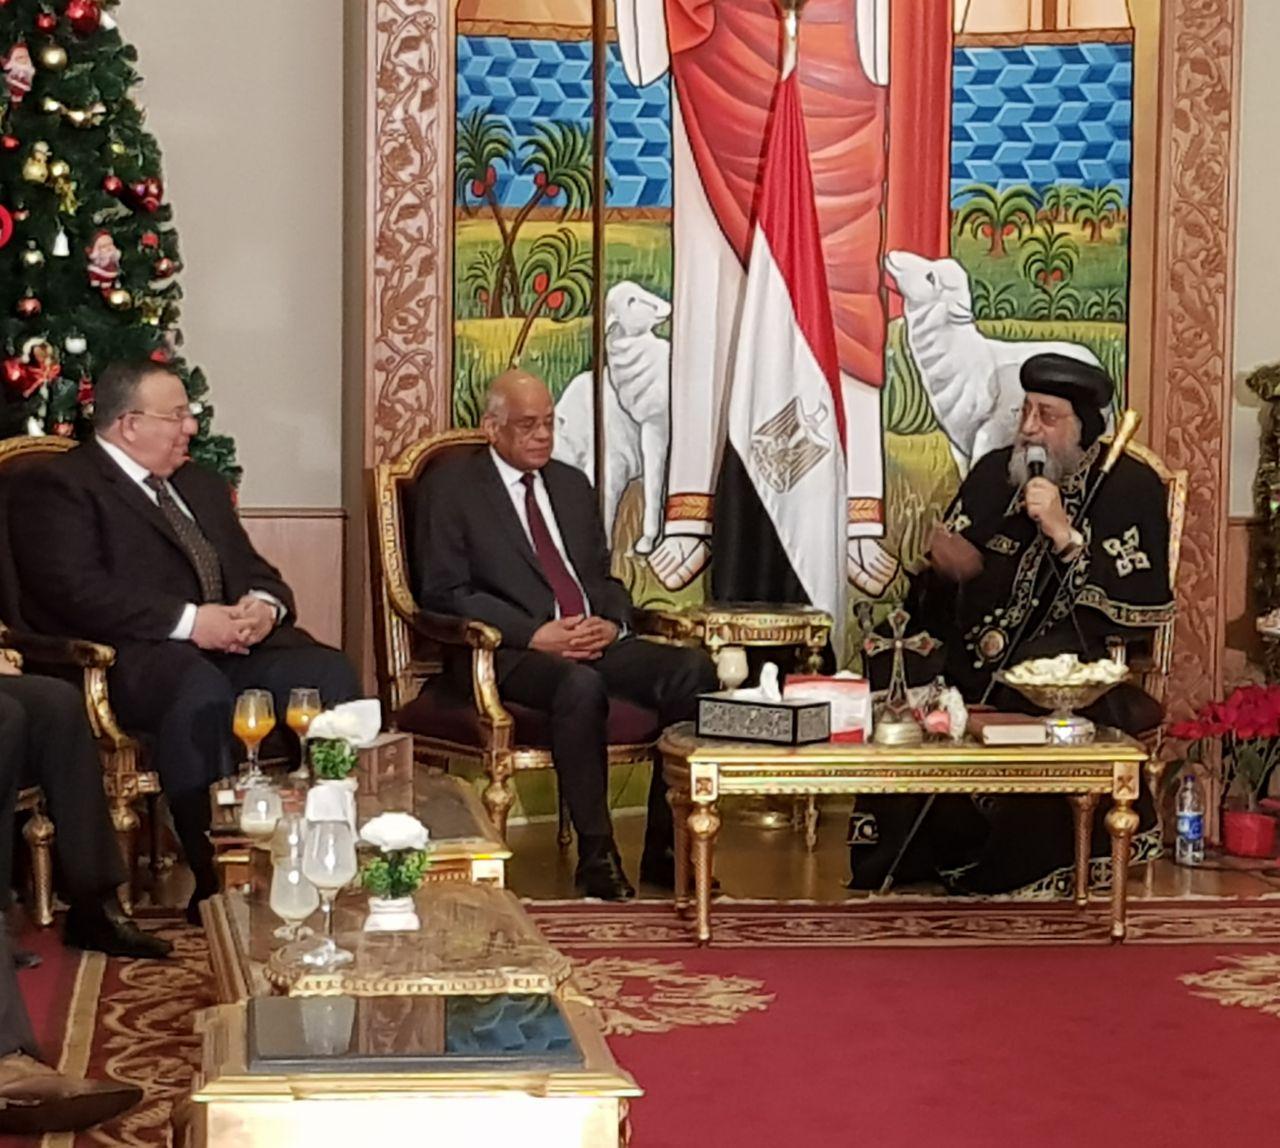 البابا تواضروس والدكتور على عبد العال رئيس مجلس النواب